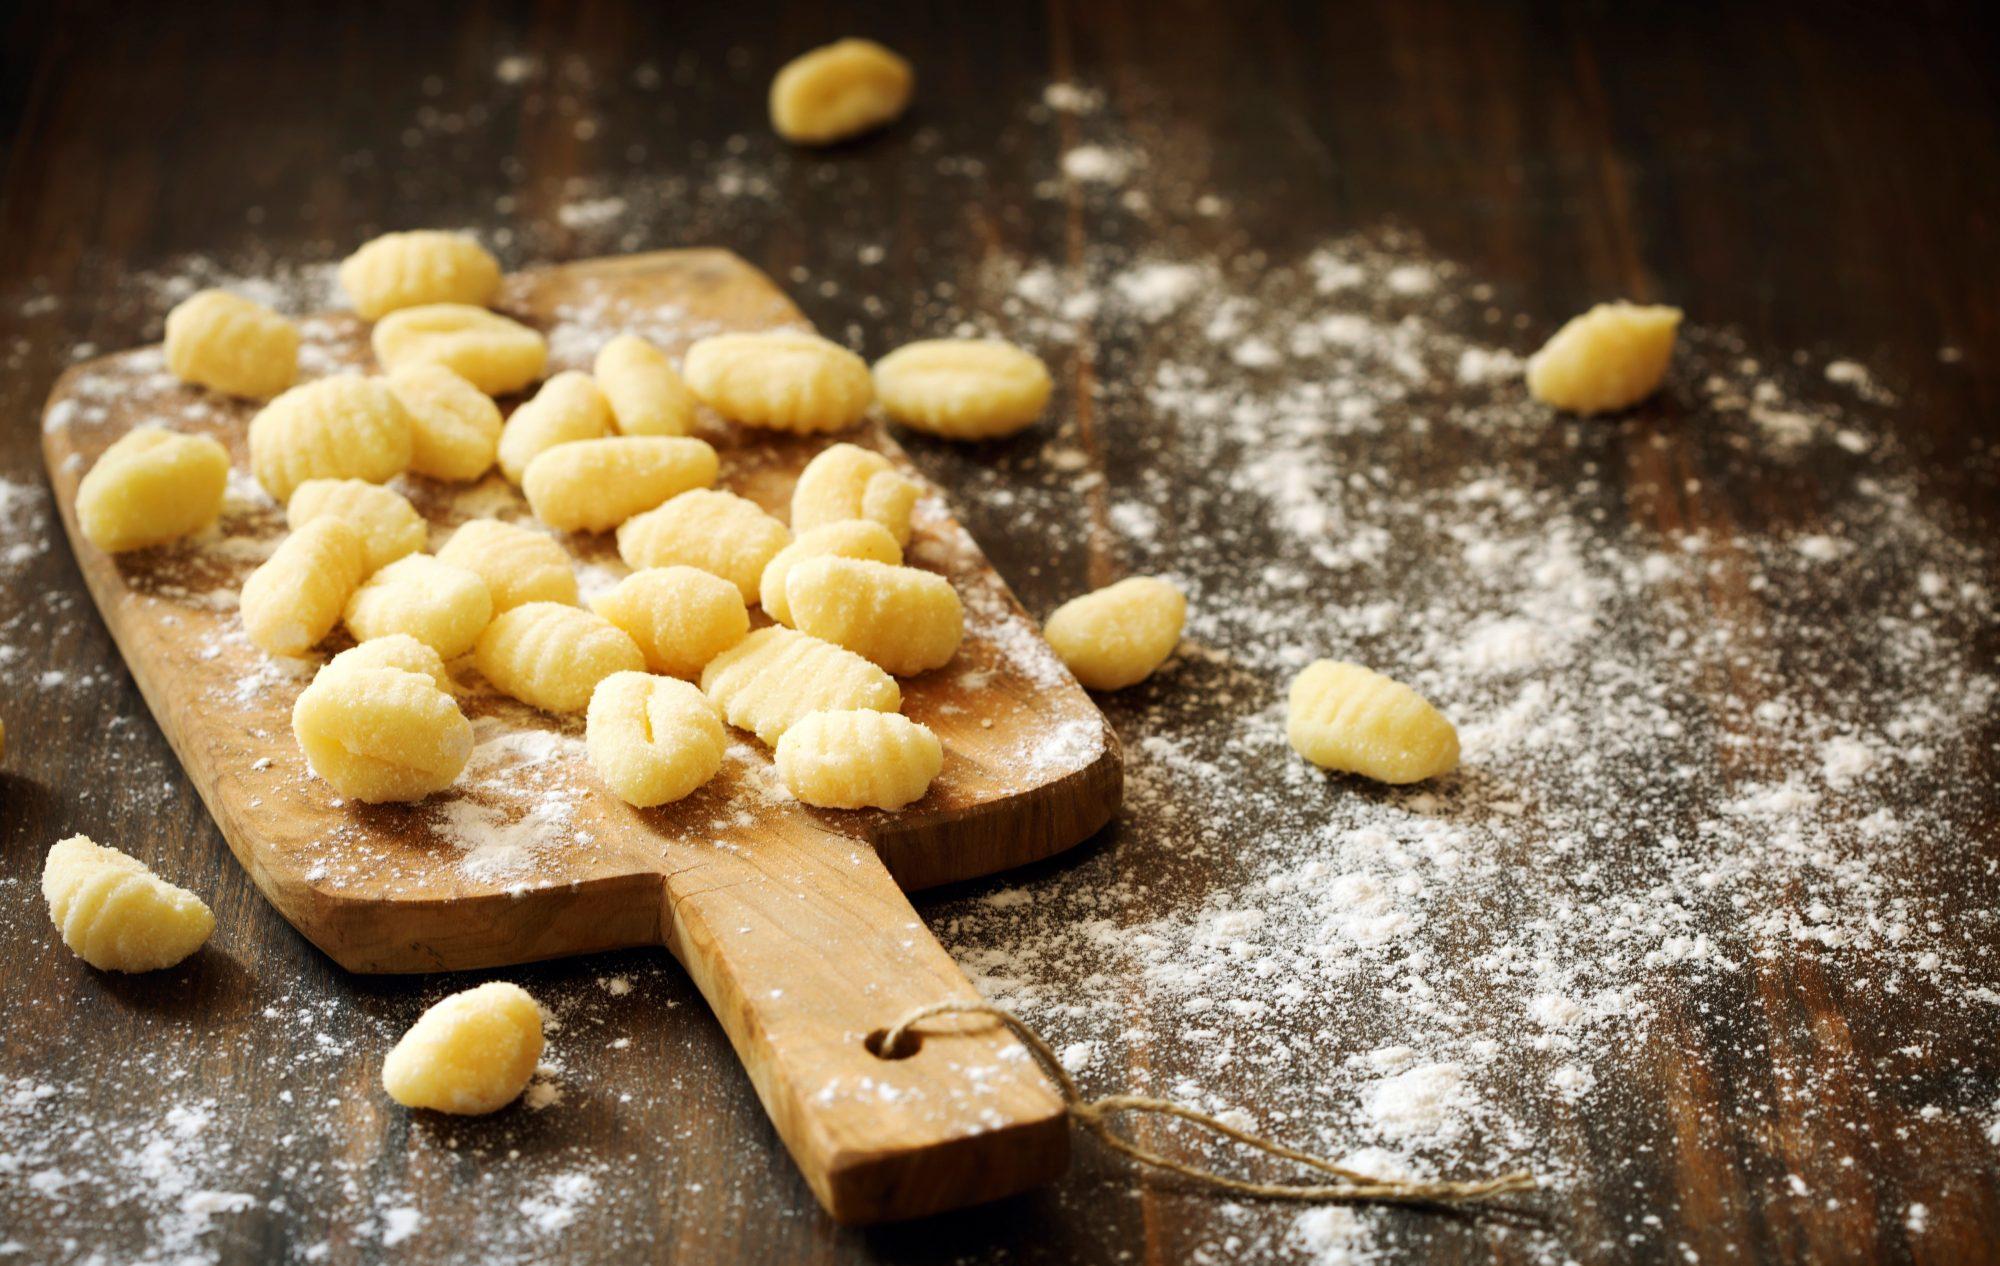 Is Gnocchi Considered Pasta?